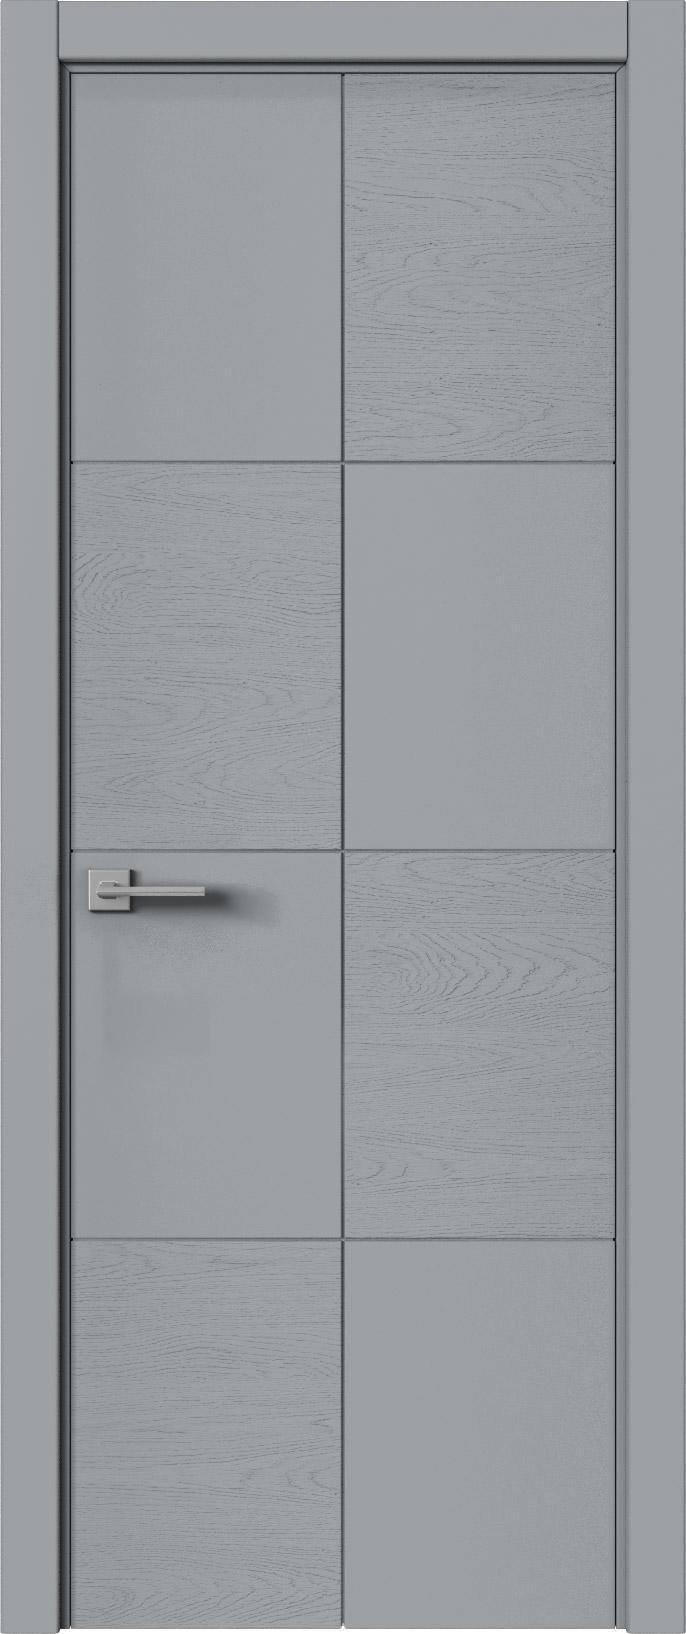 Tivoli Л-2 цвет - Серебристо-серая эмаль-эмаль по шпону (RAL 7045) Без стекла (ДГ)